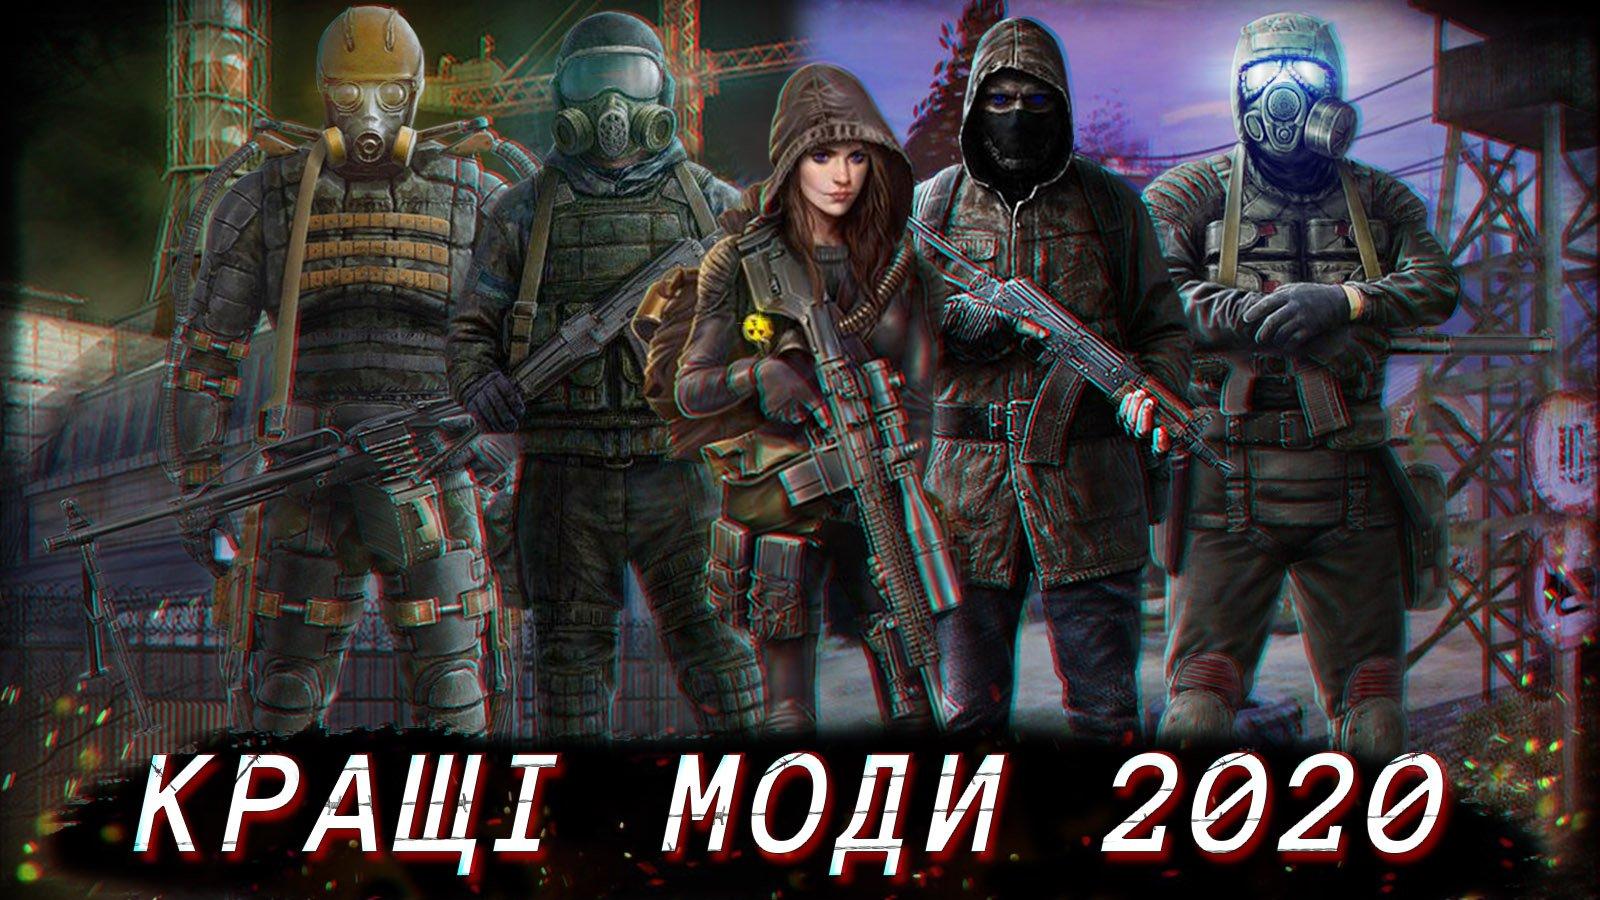 Лучшие моды на S.T.A.L.K.E.R. 2020 года!